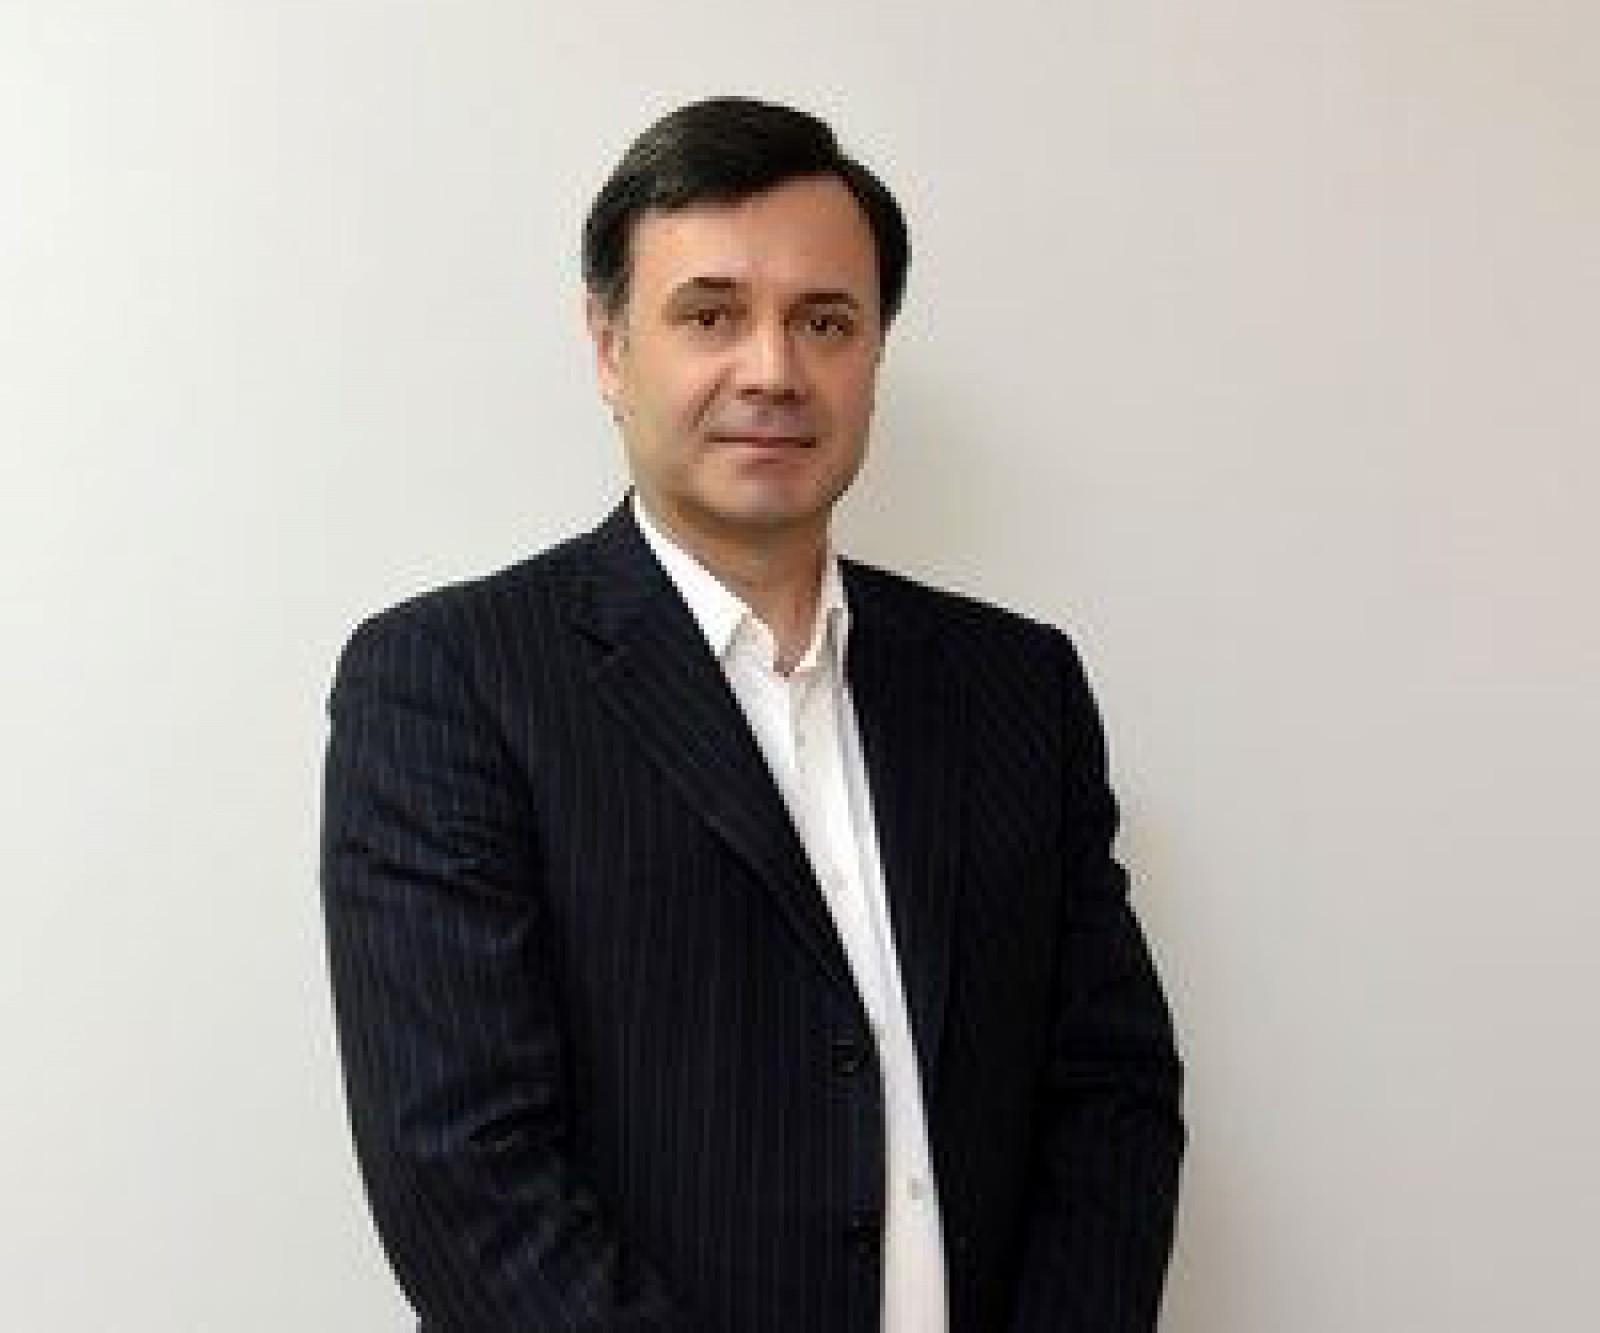 Comunistul Vladimir Baldovici, numit director al Agenției Proprietăți Publice